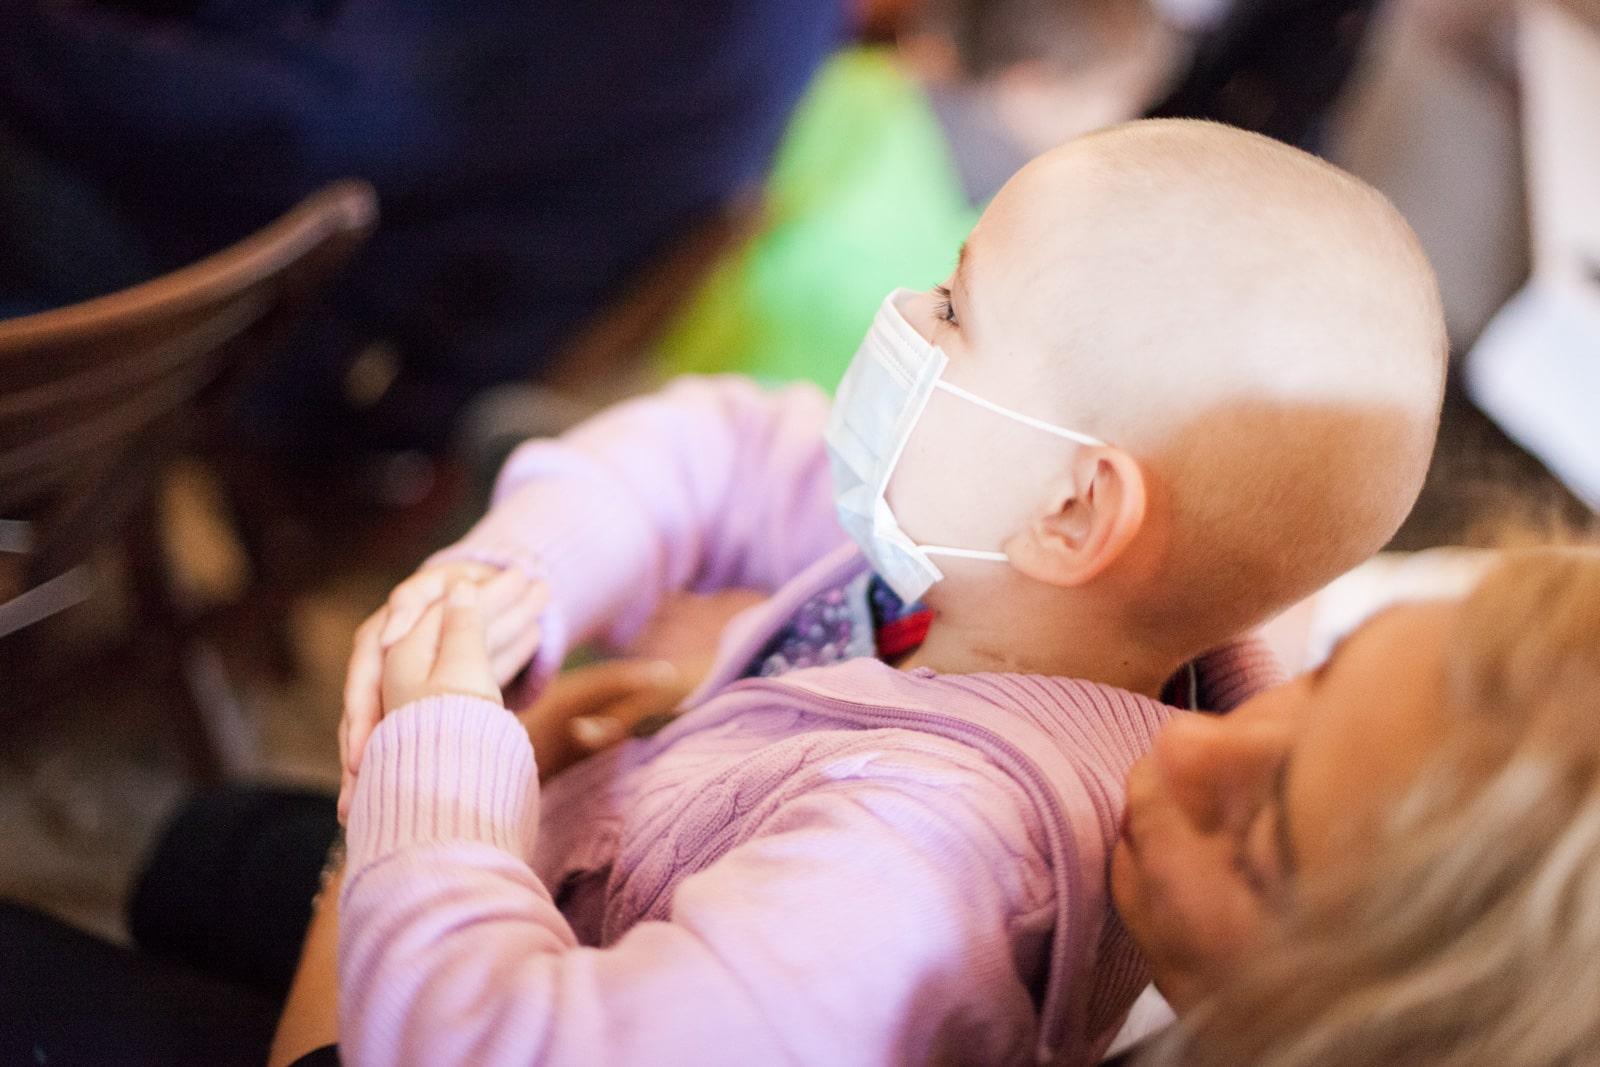 Ein krankes Kind ohne Haare auf dem Schoss seiner Mutter